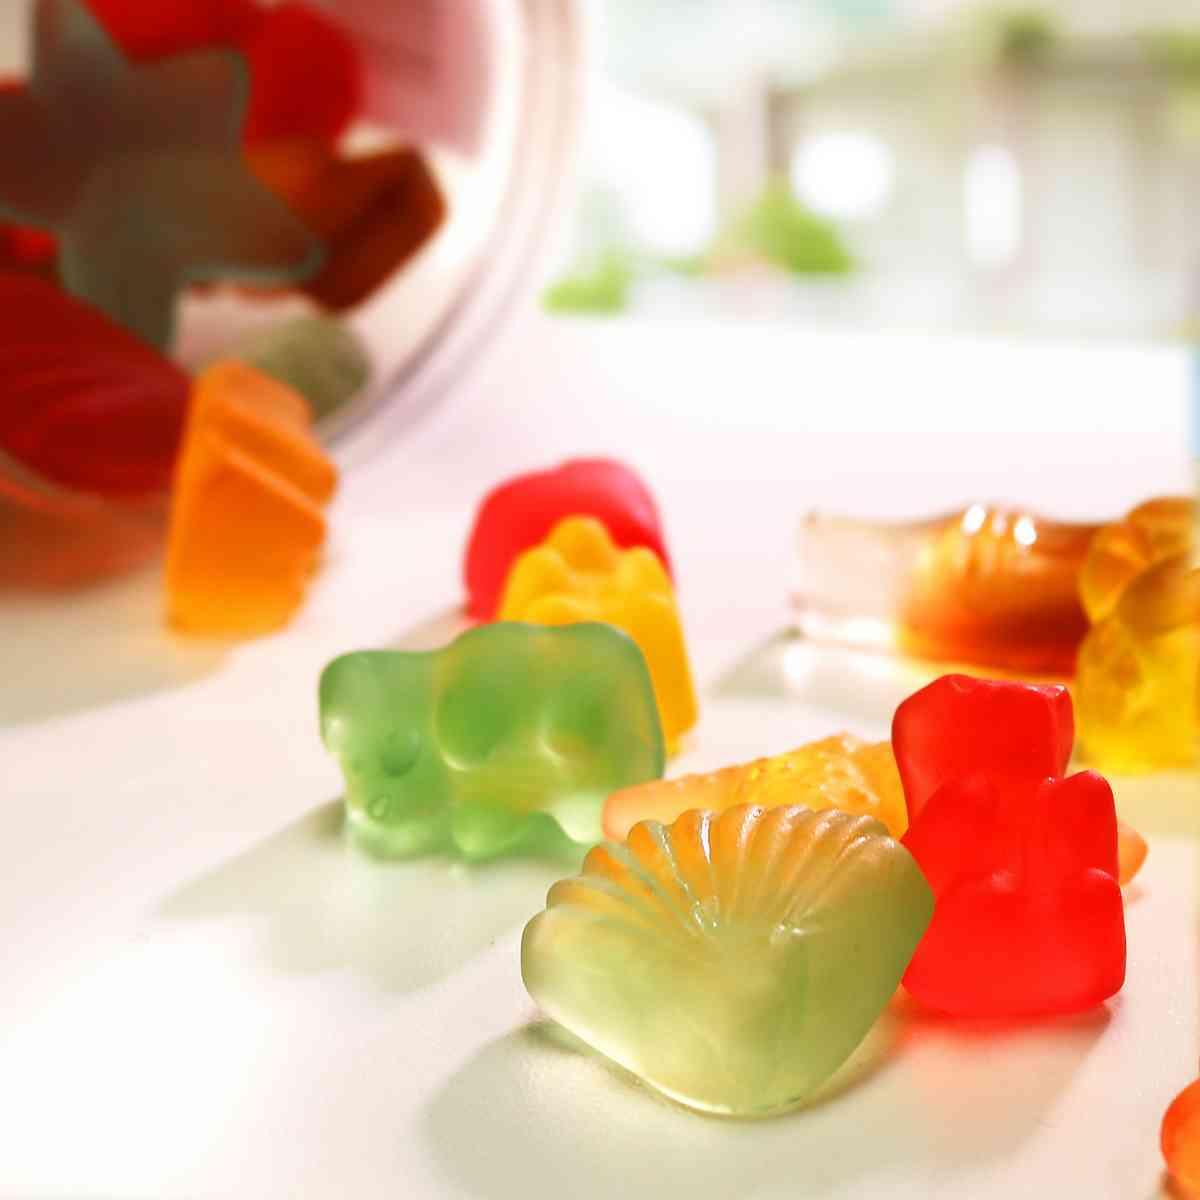 Come golosinas sin azúcar y olvídate de los excesos